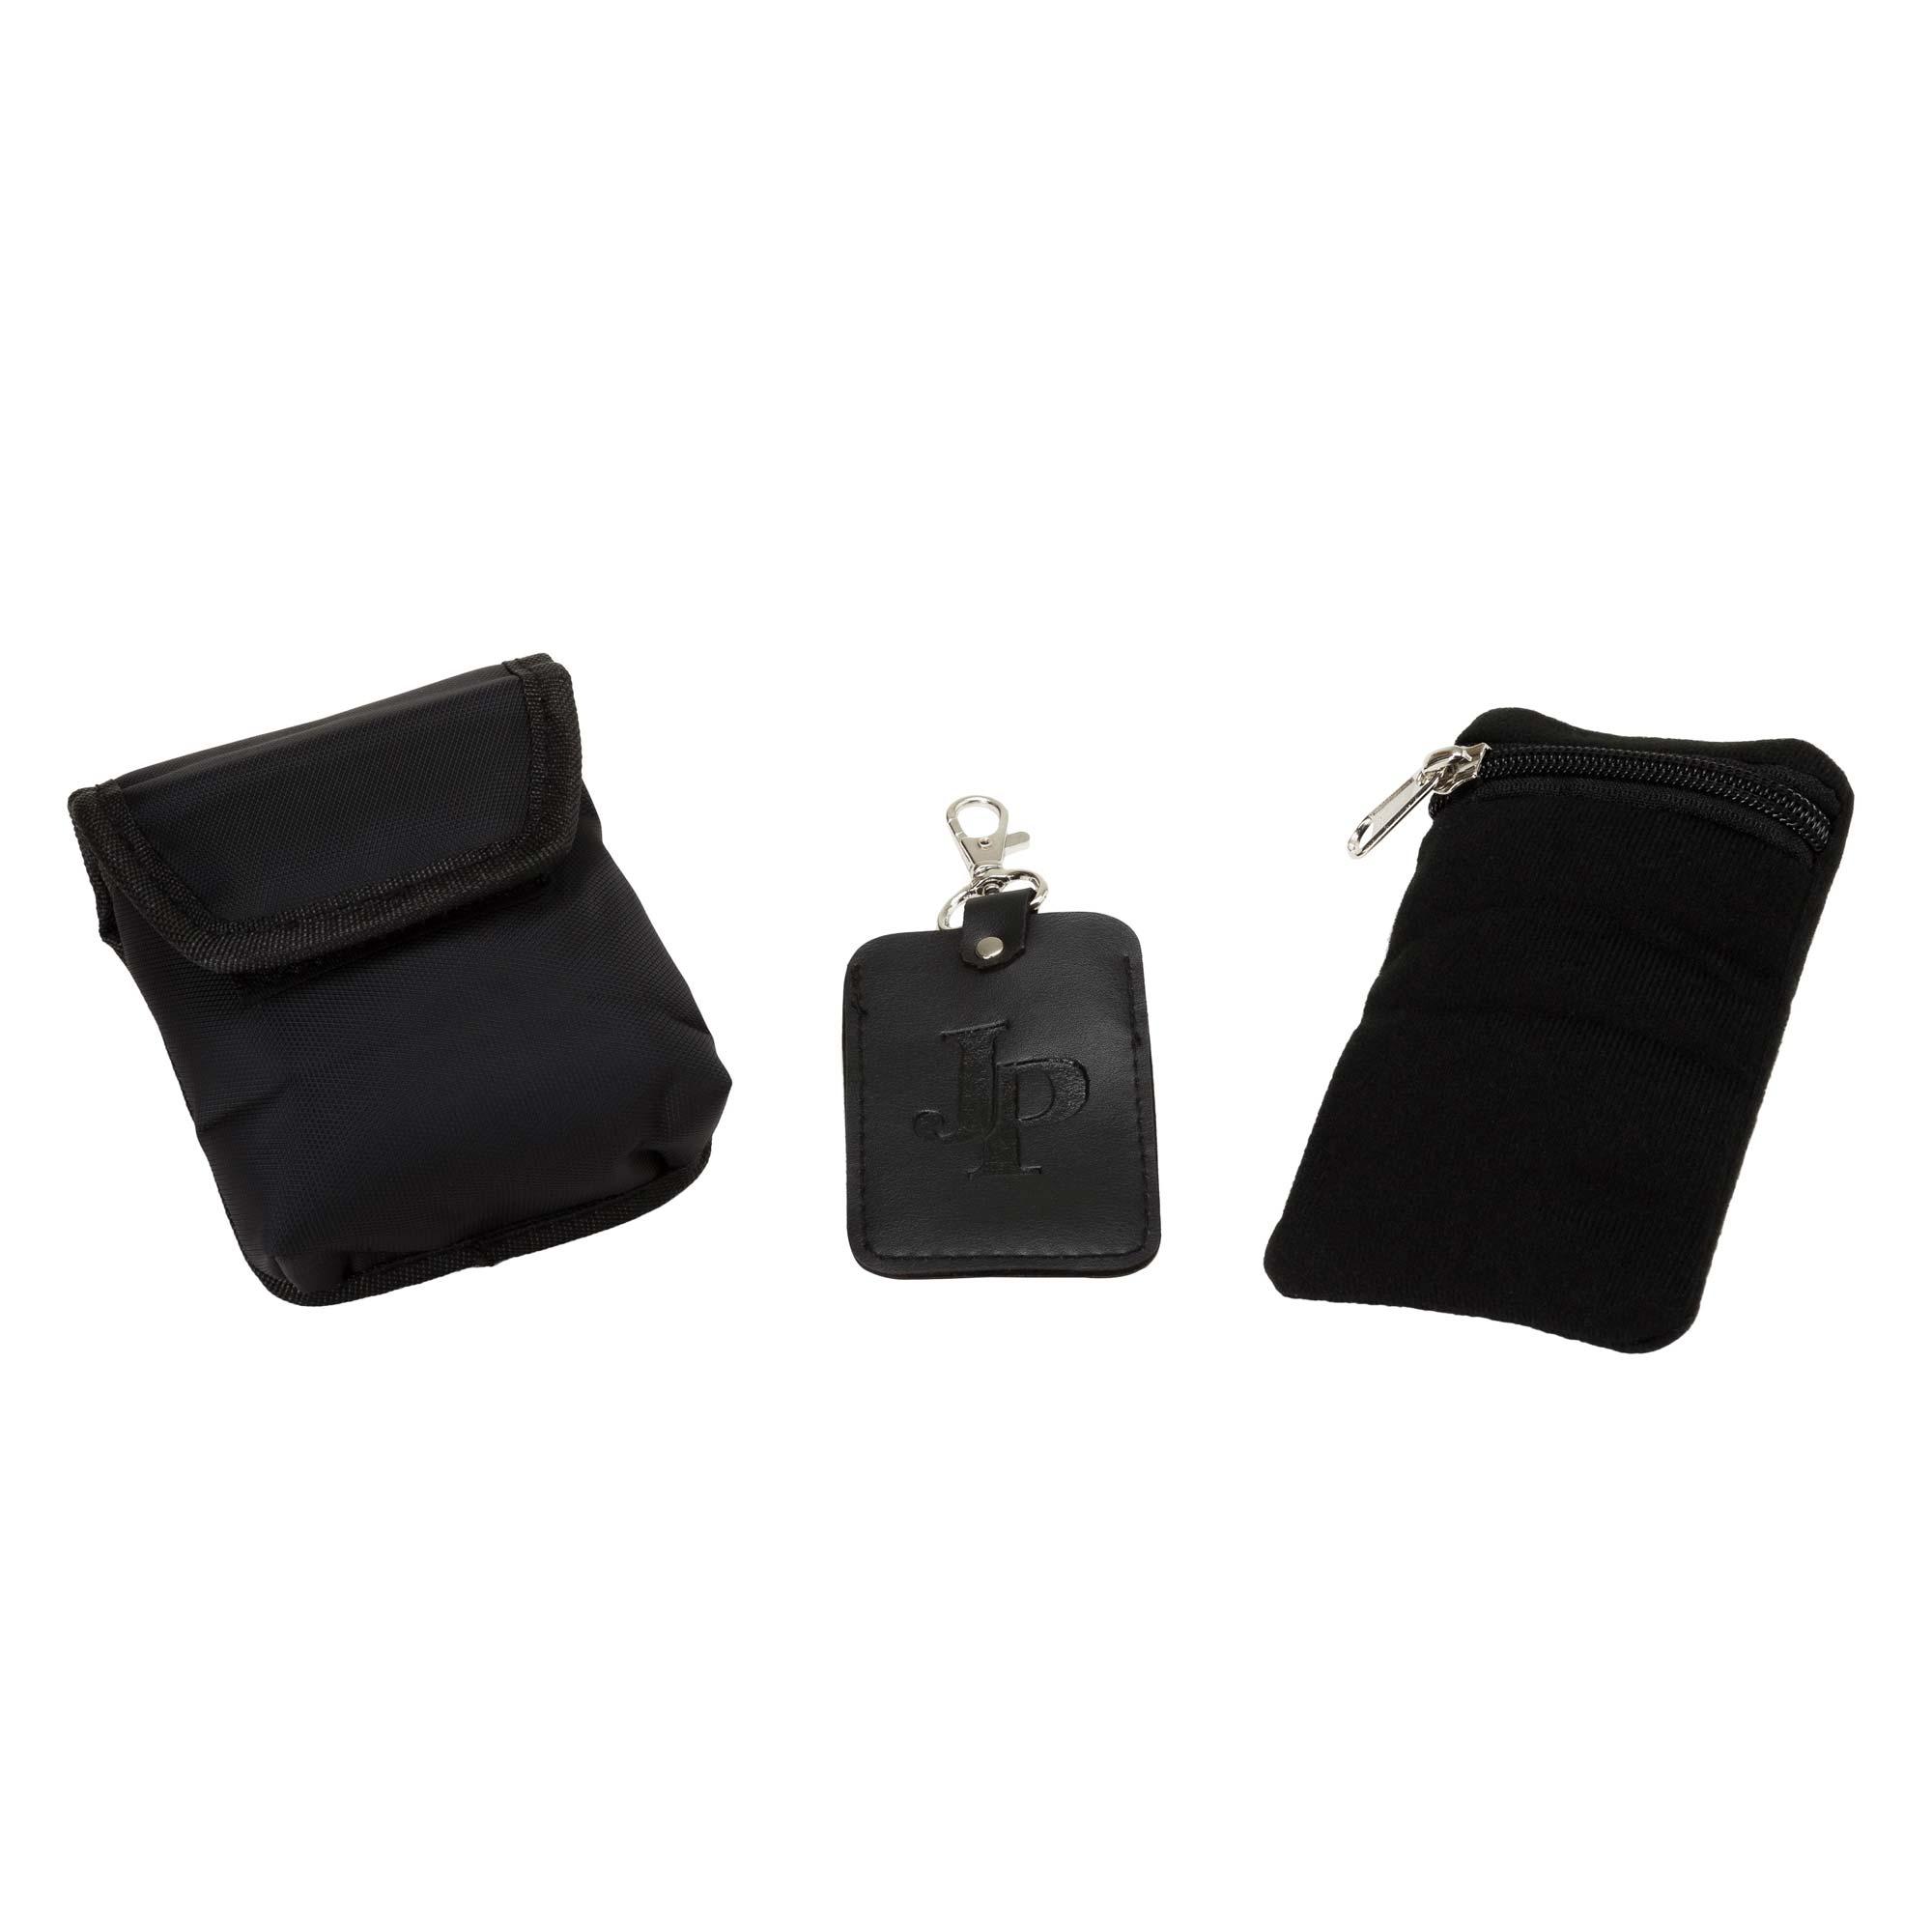 JP-Pro-double-trumpet-case-accessories